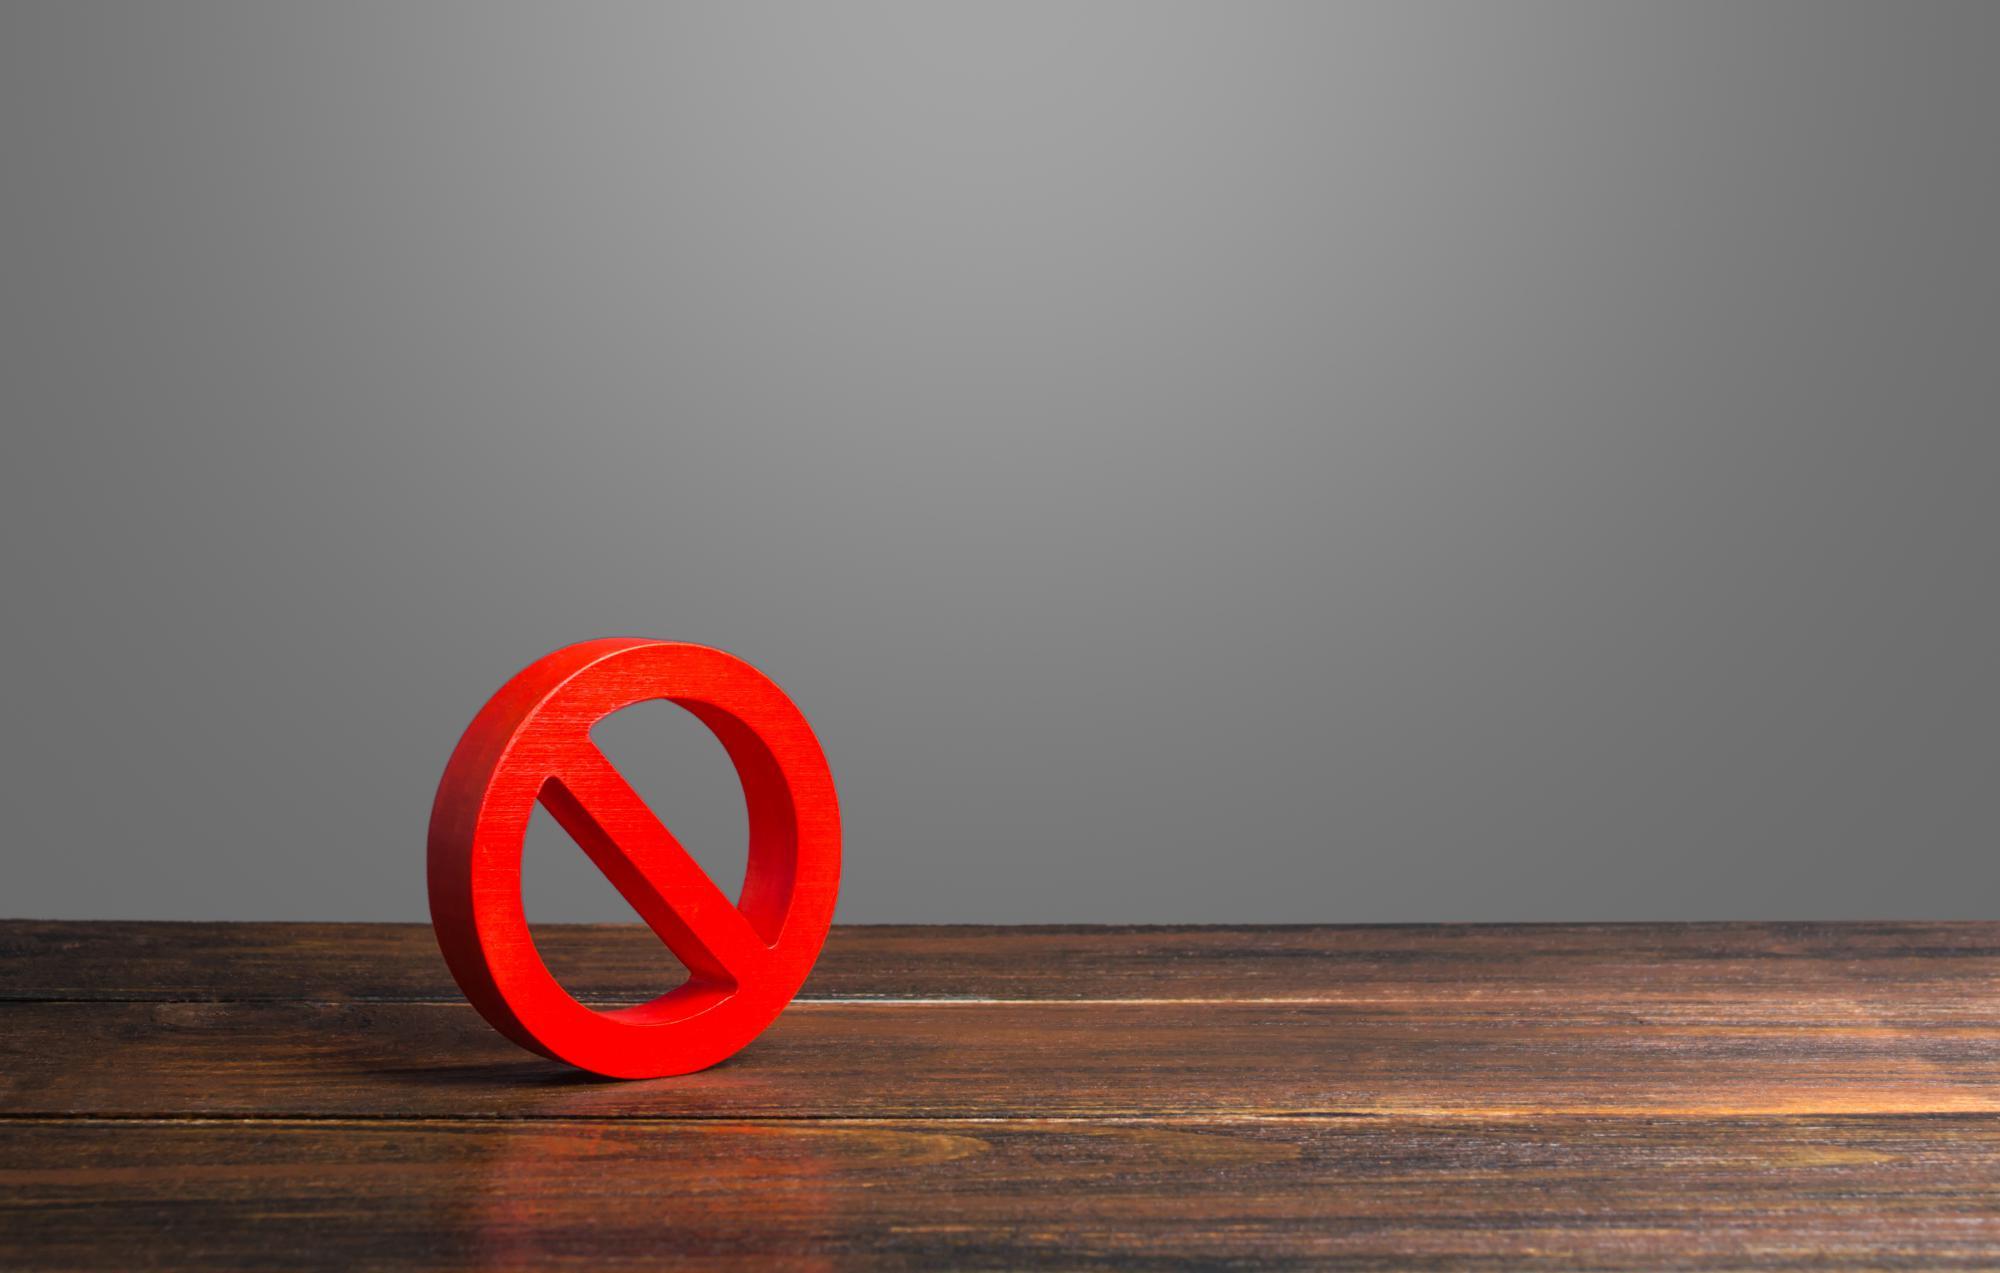 Предлагается запретить наличие бенефициаров ресурсоснабжающих организаций в офшорах